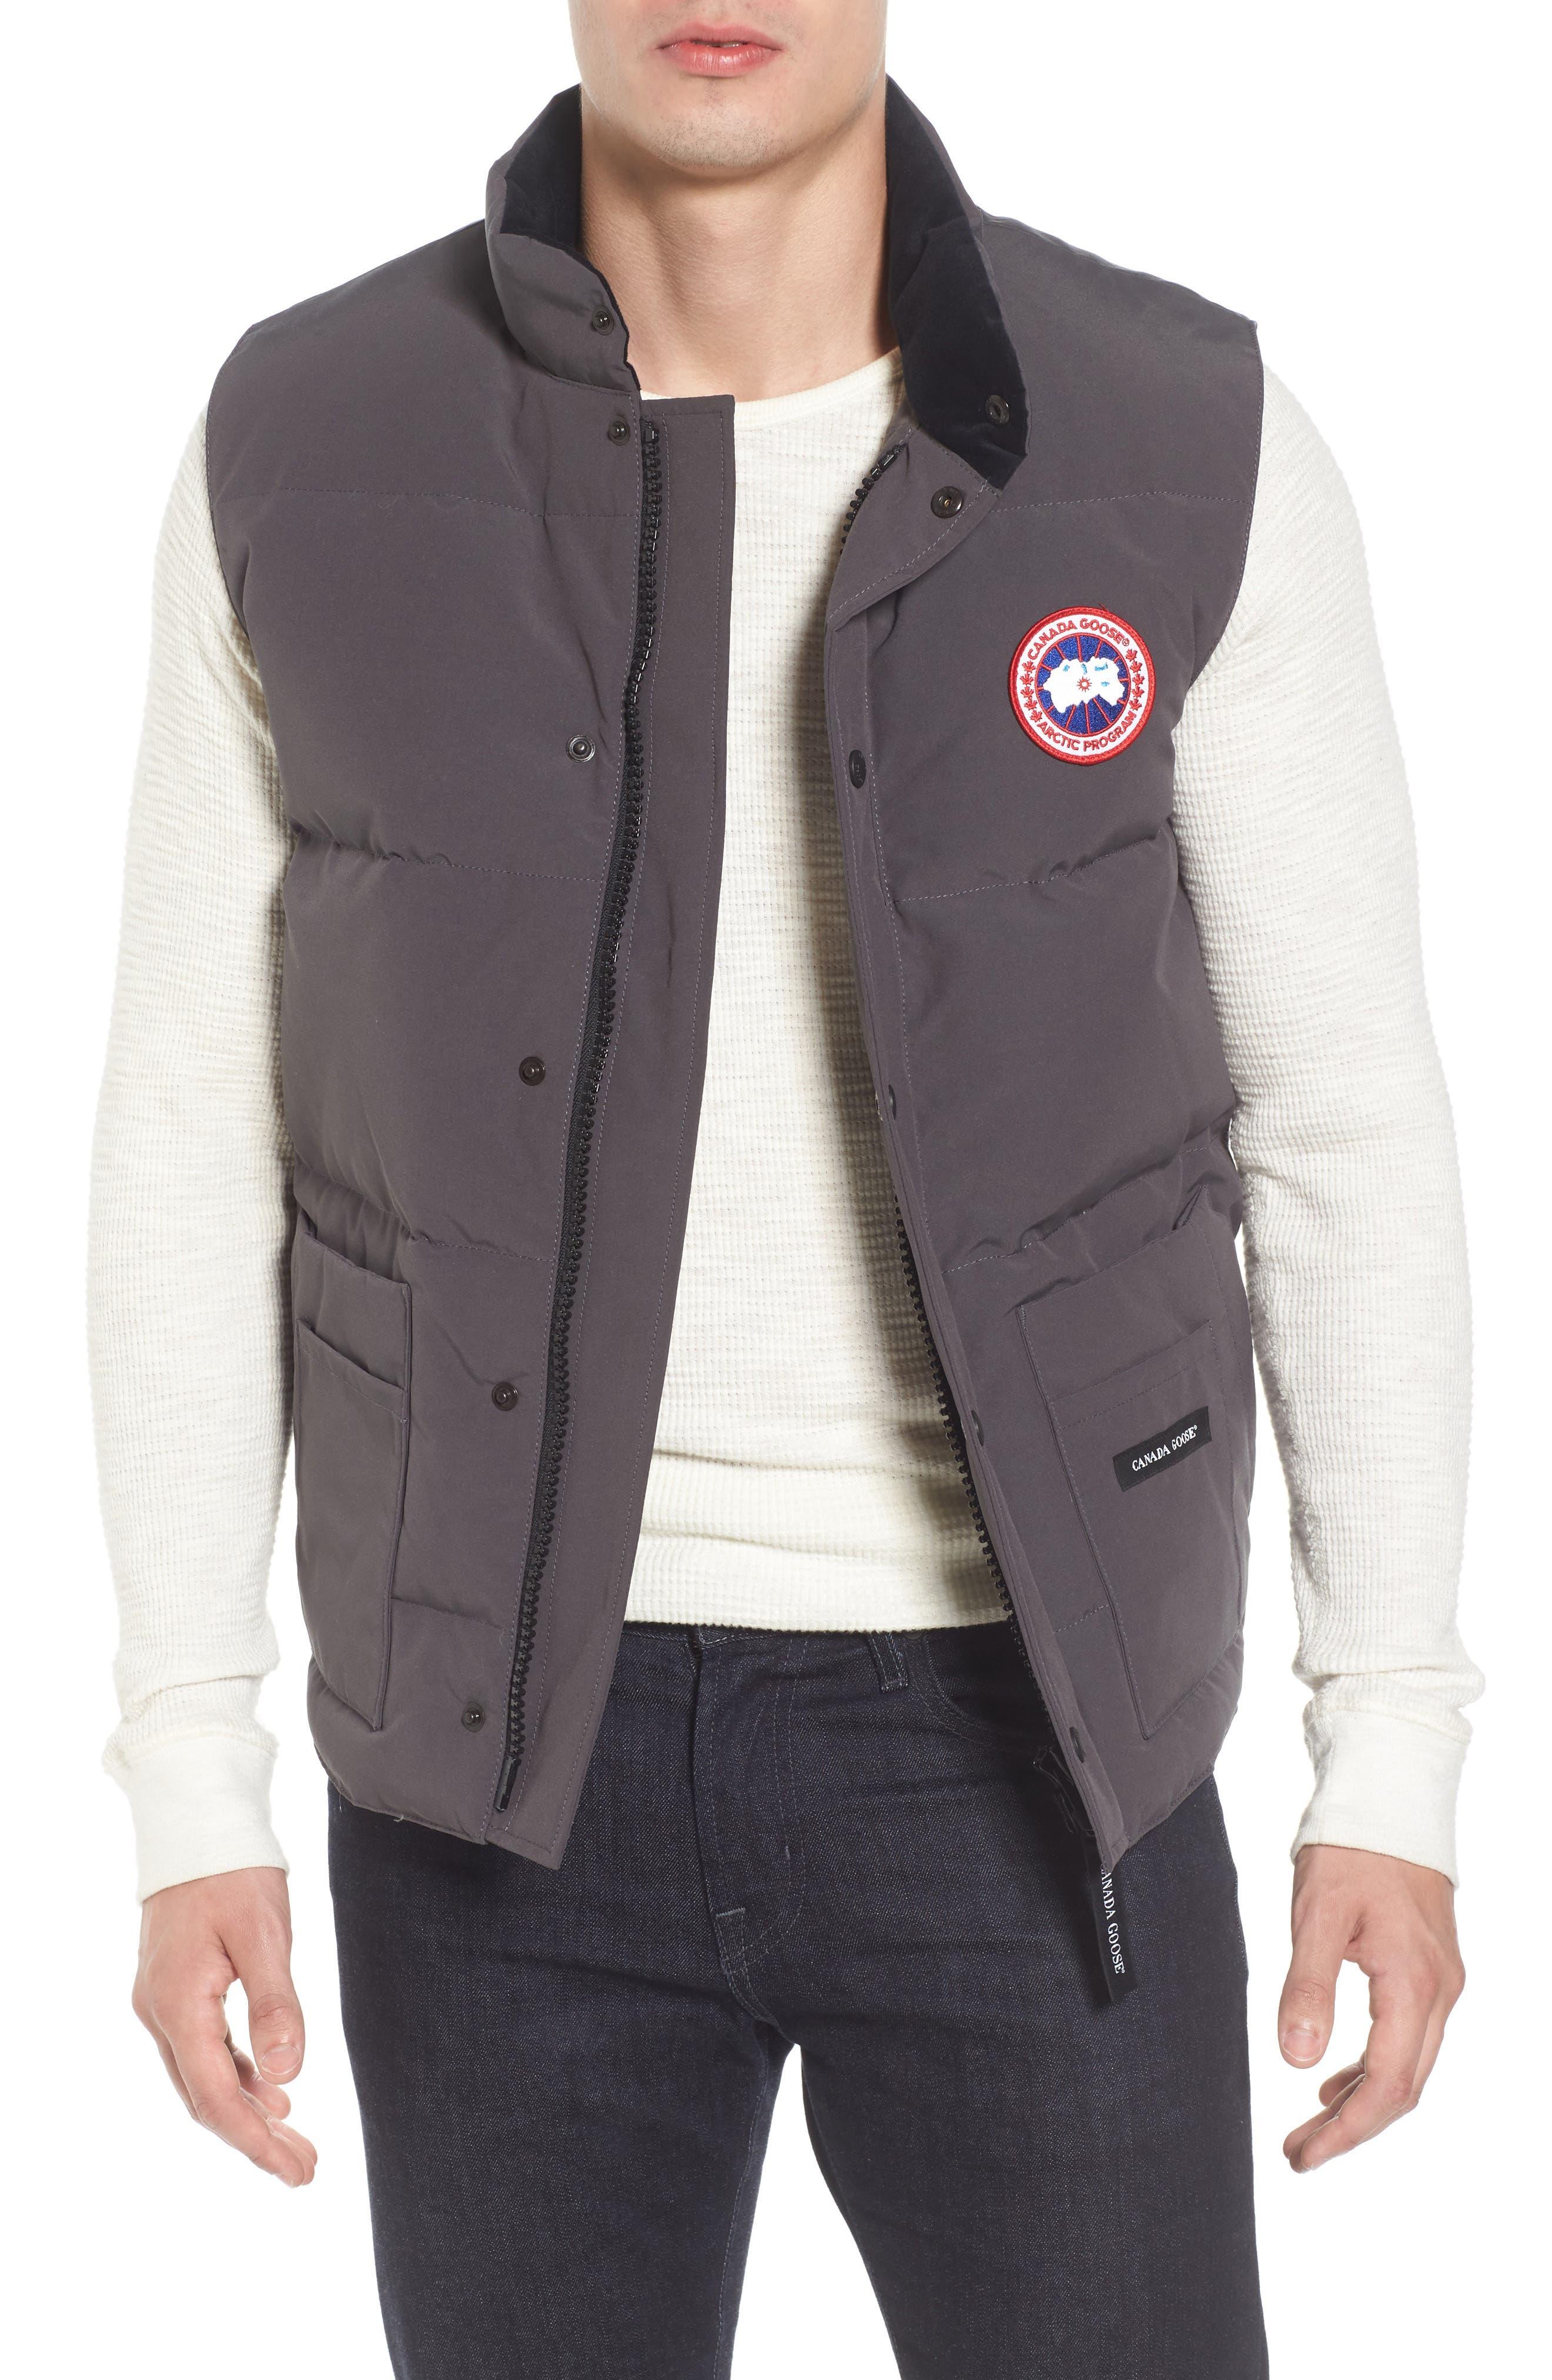 canada goose vest price